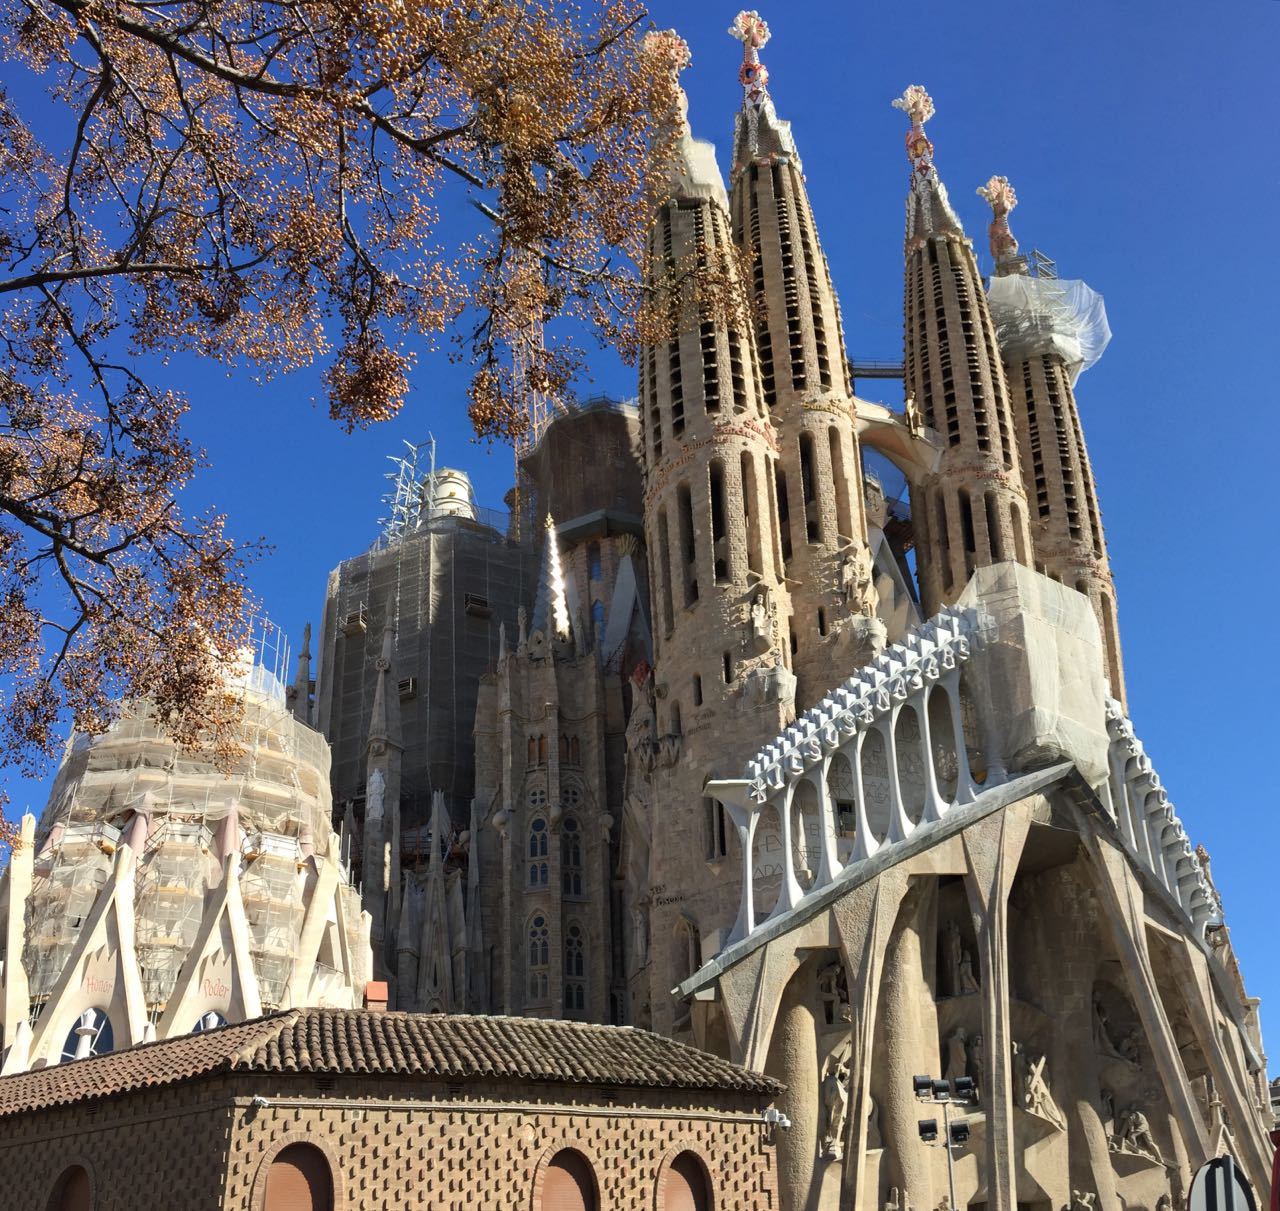 Sagrada Familia Exterior Towers 1